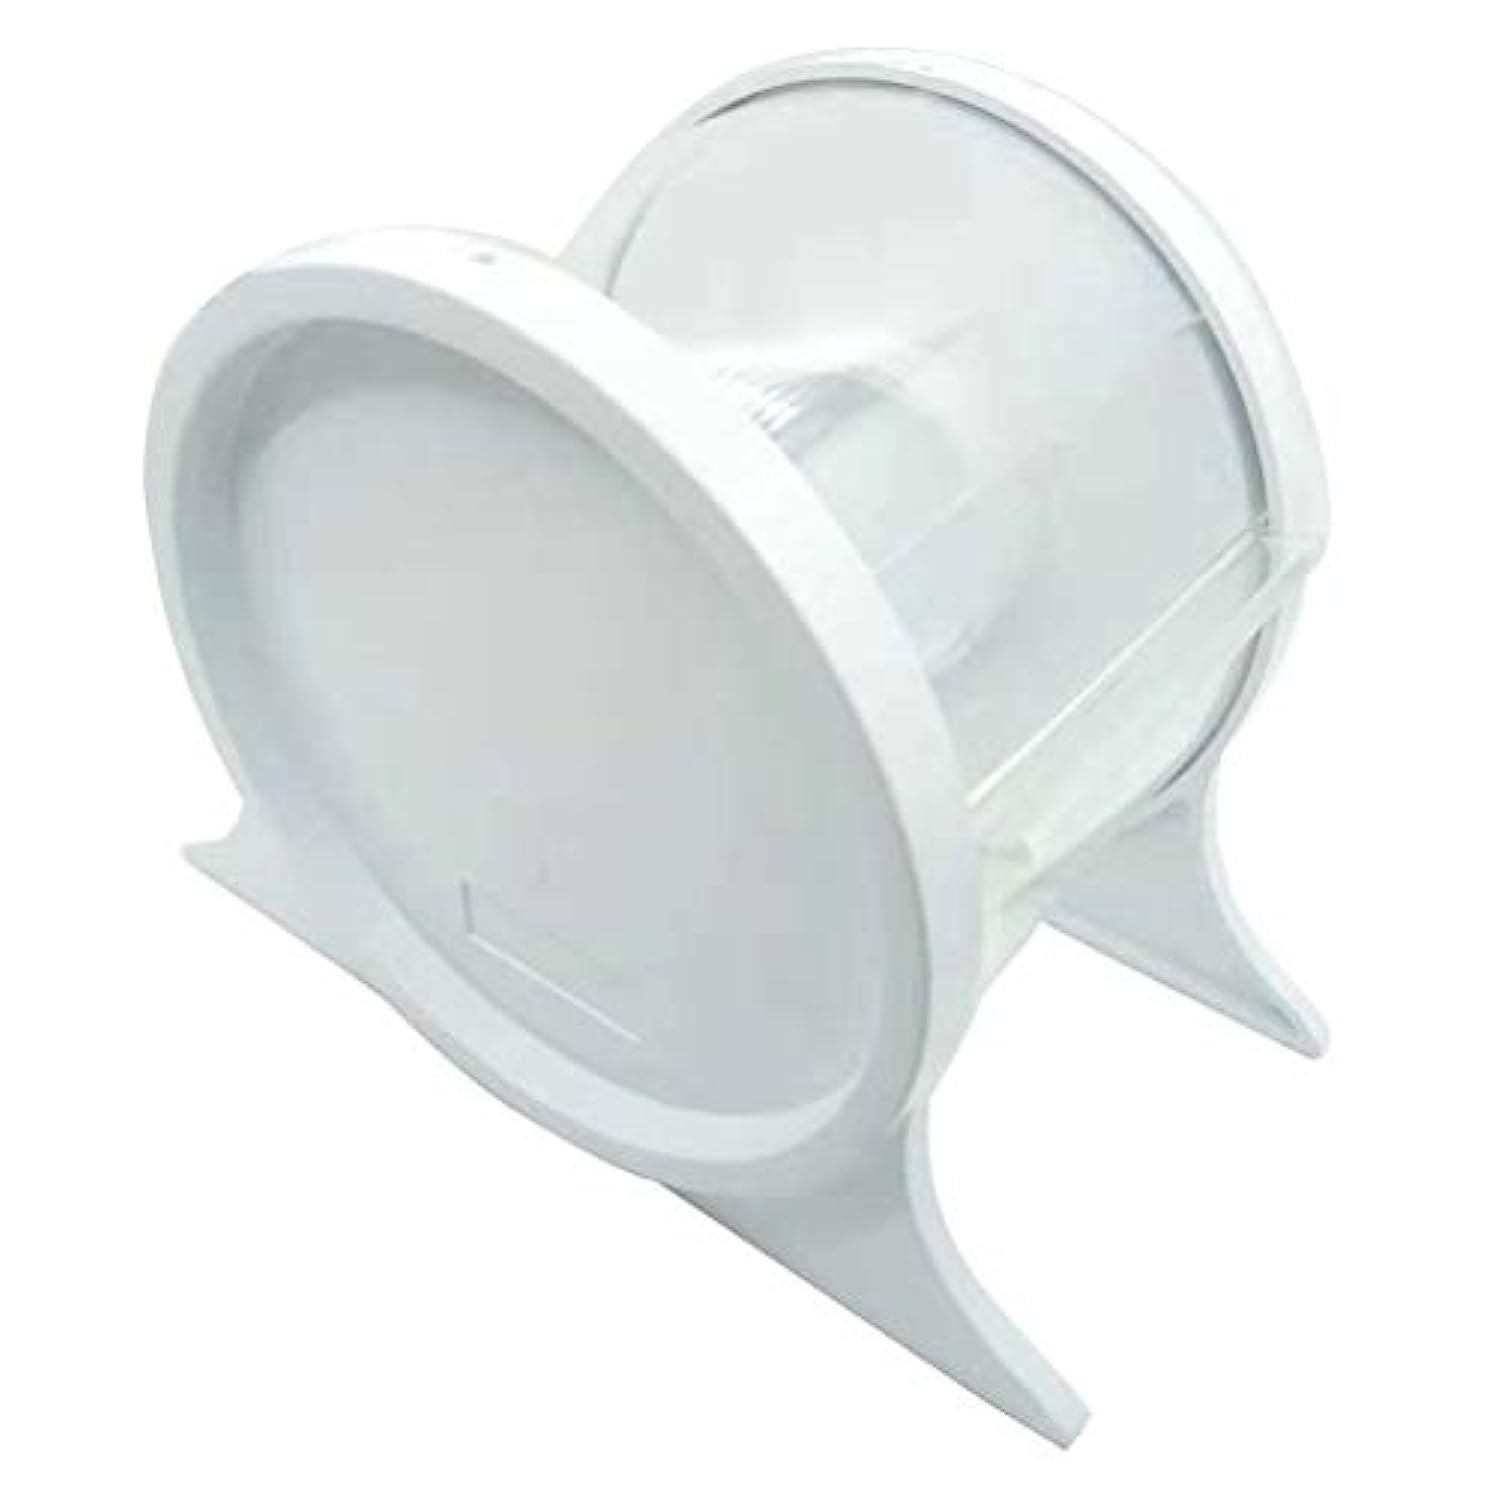 隠スリーブ否認するHealifty 1ピース使い捨て歯科バリアフィルムディスペンサー保護スタンドホルダーシェルフ歯科ツール(ホワイト)